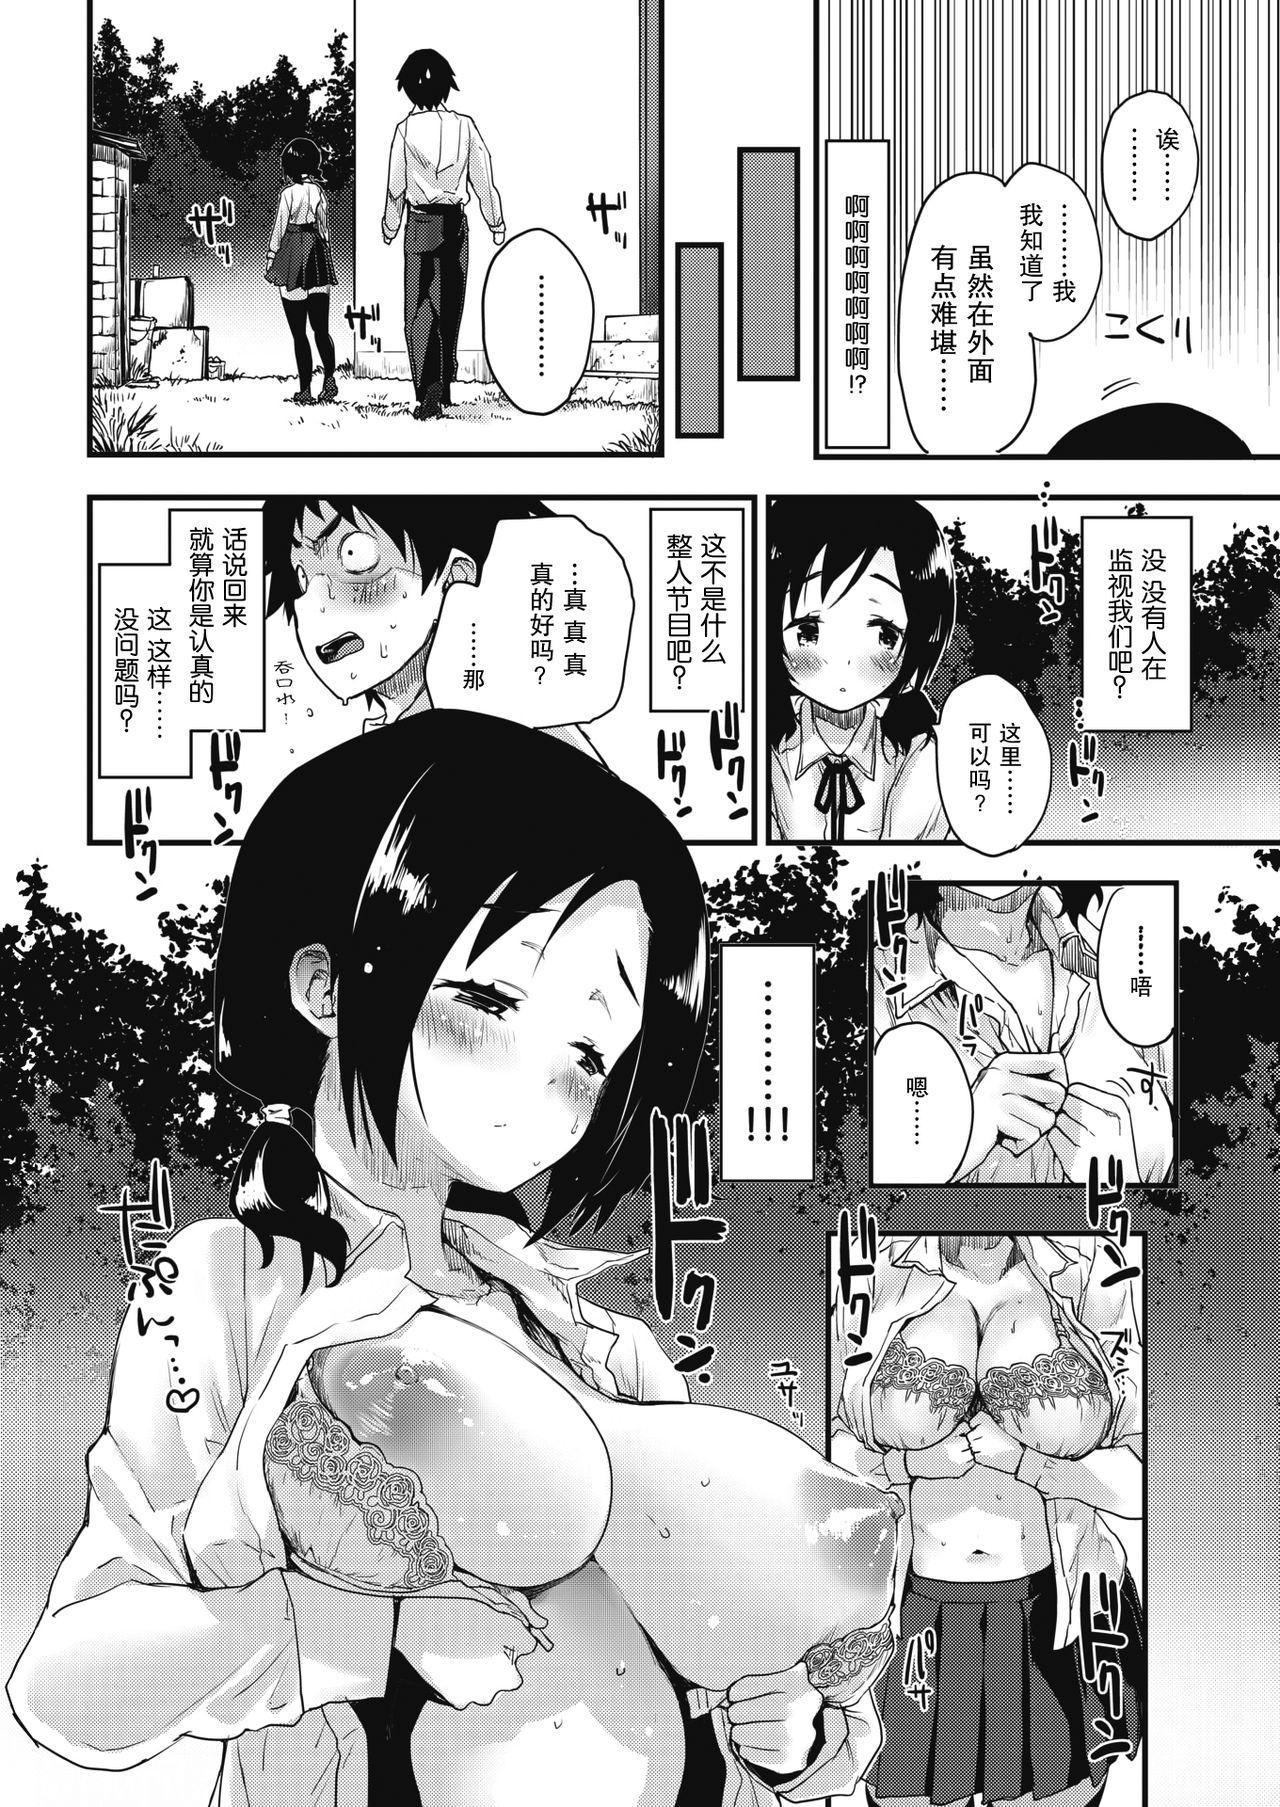 Kanojo ni Dekiru Koto | 她所擅长的事情 6